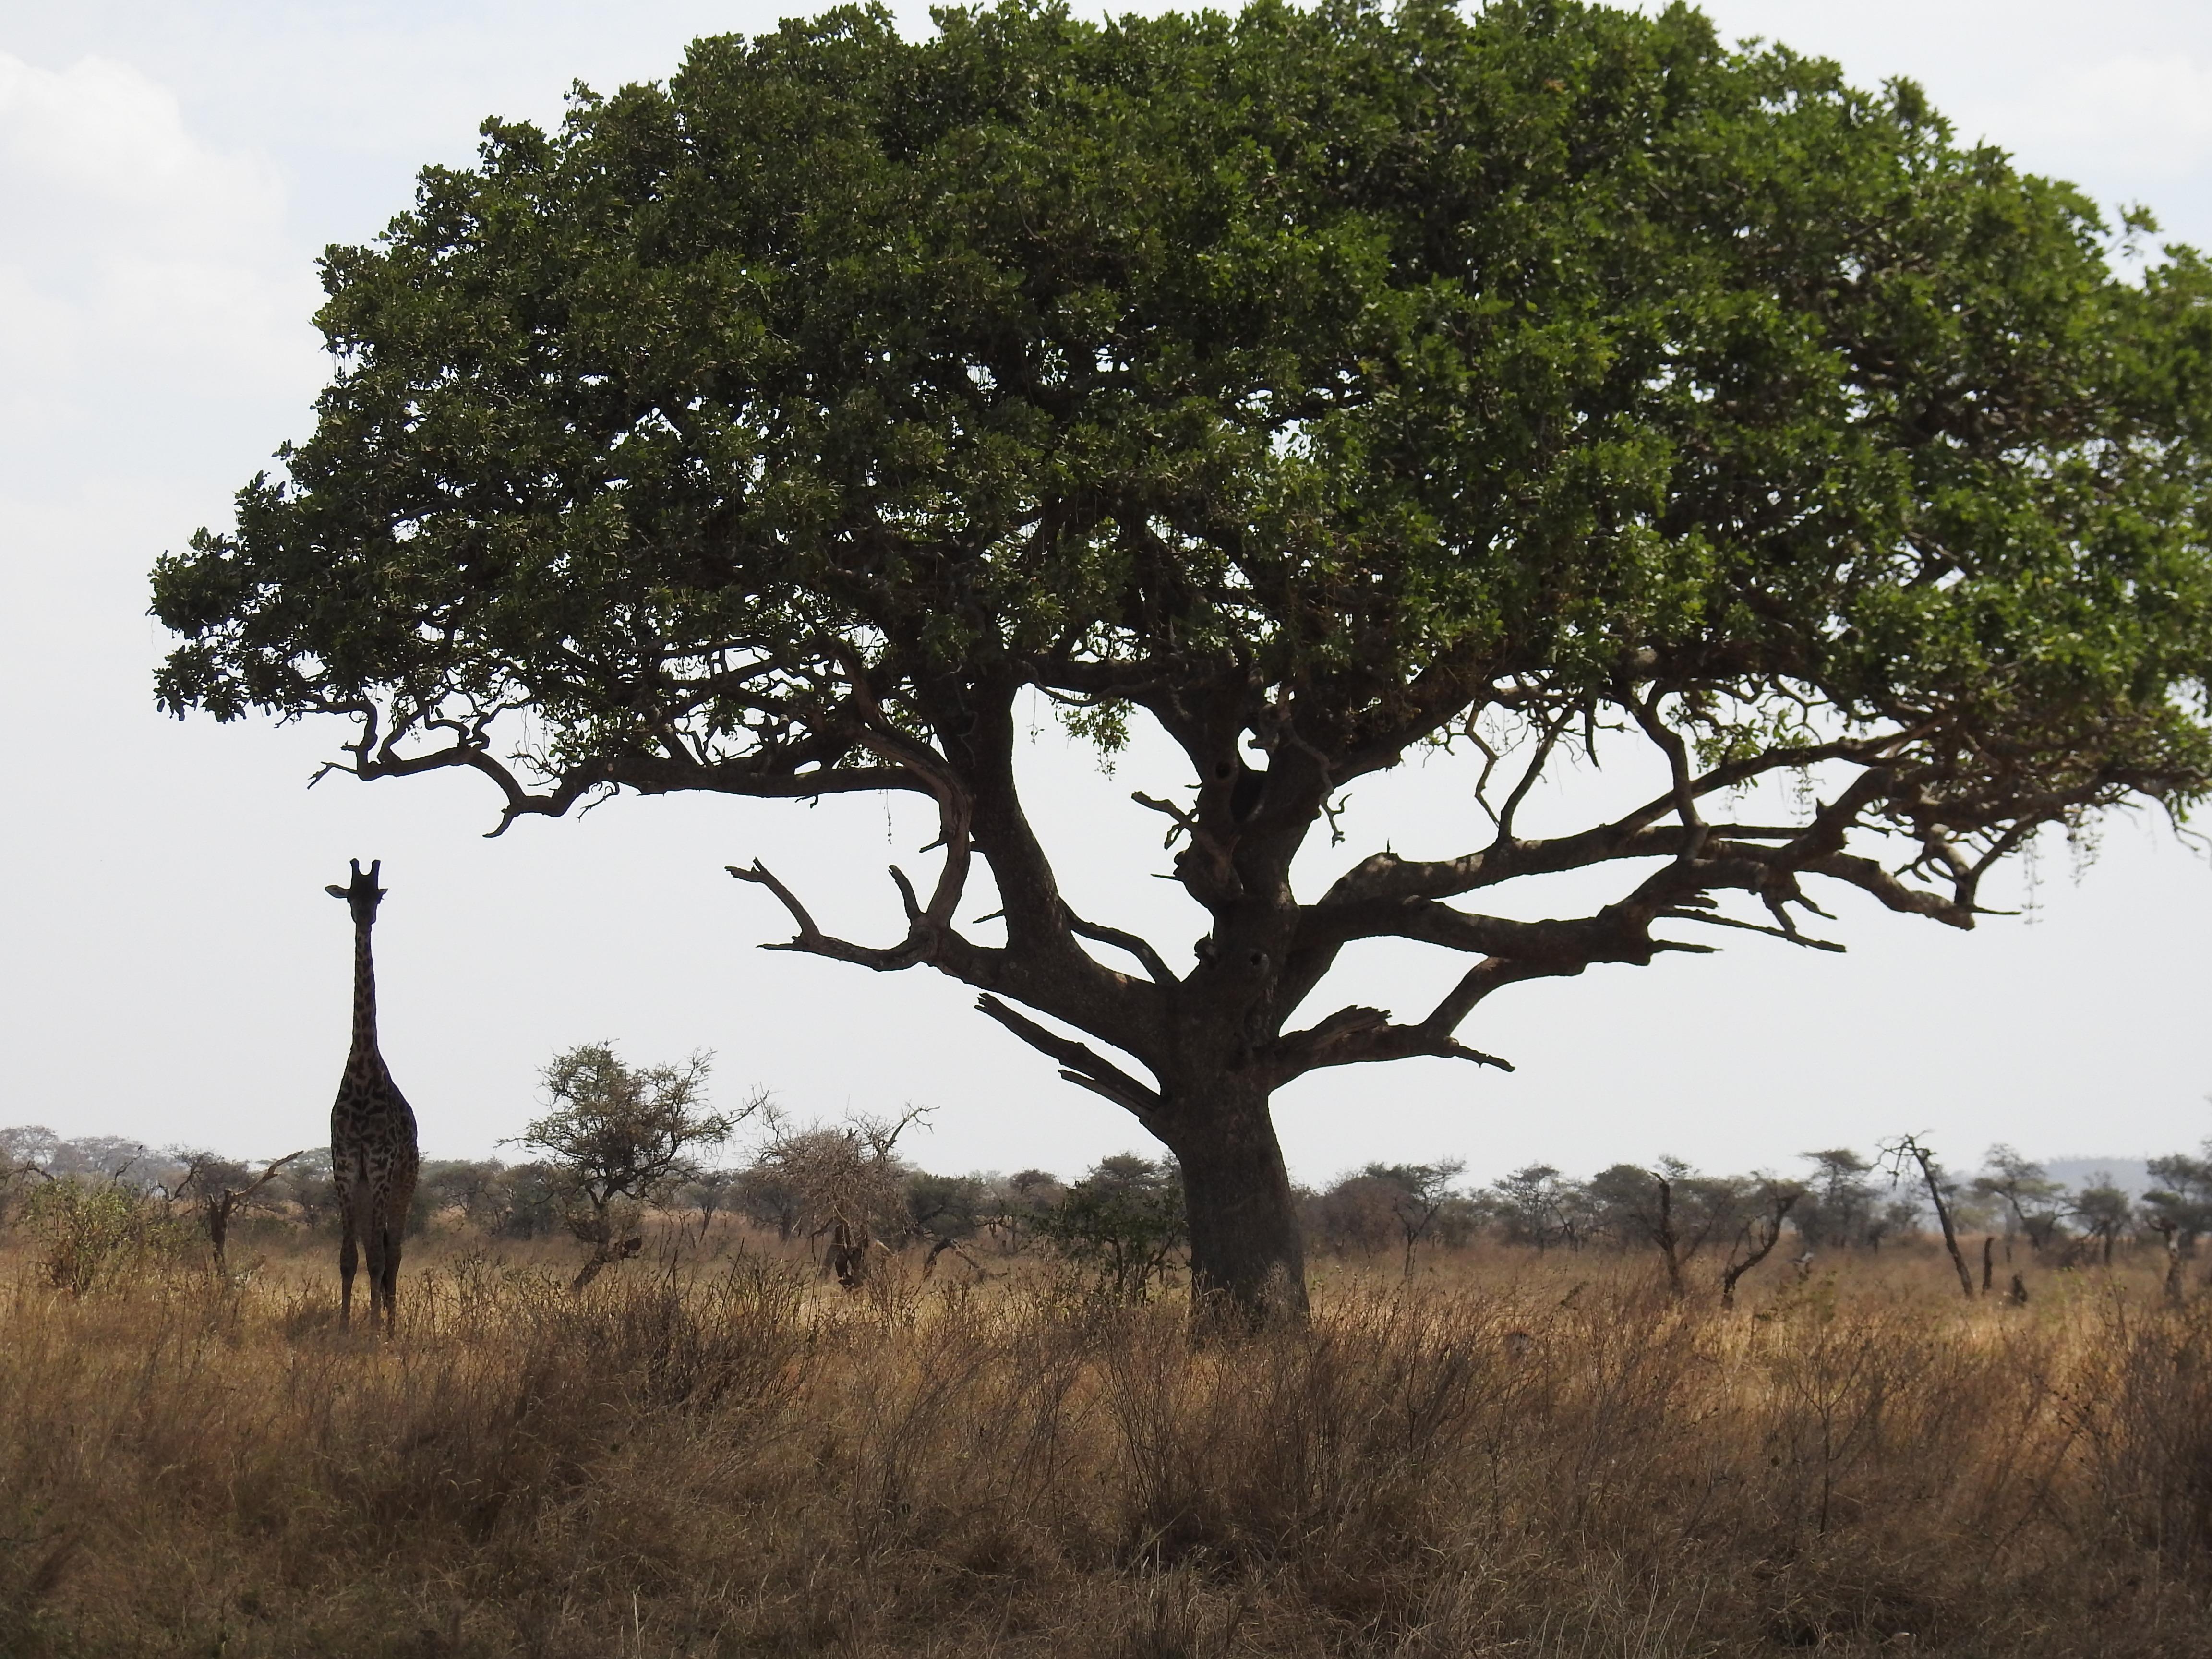 Giraffe_and_Tree.jpg